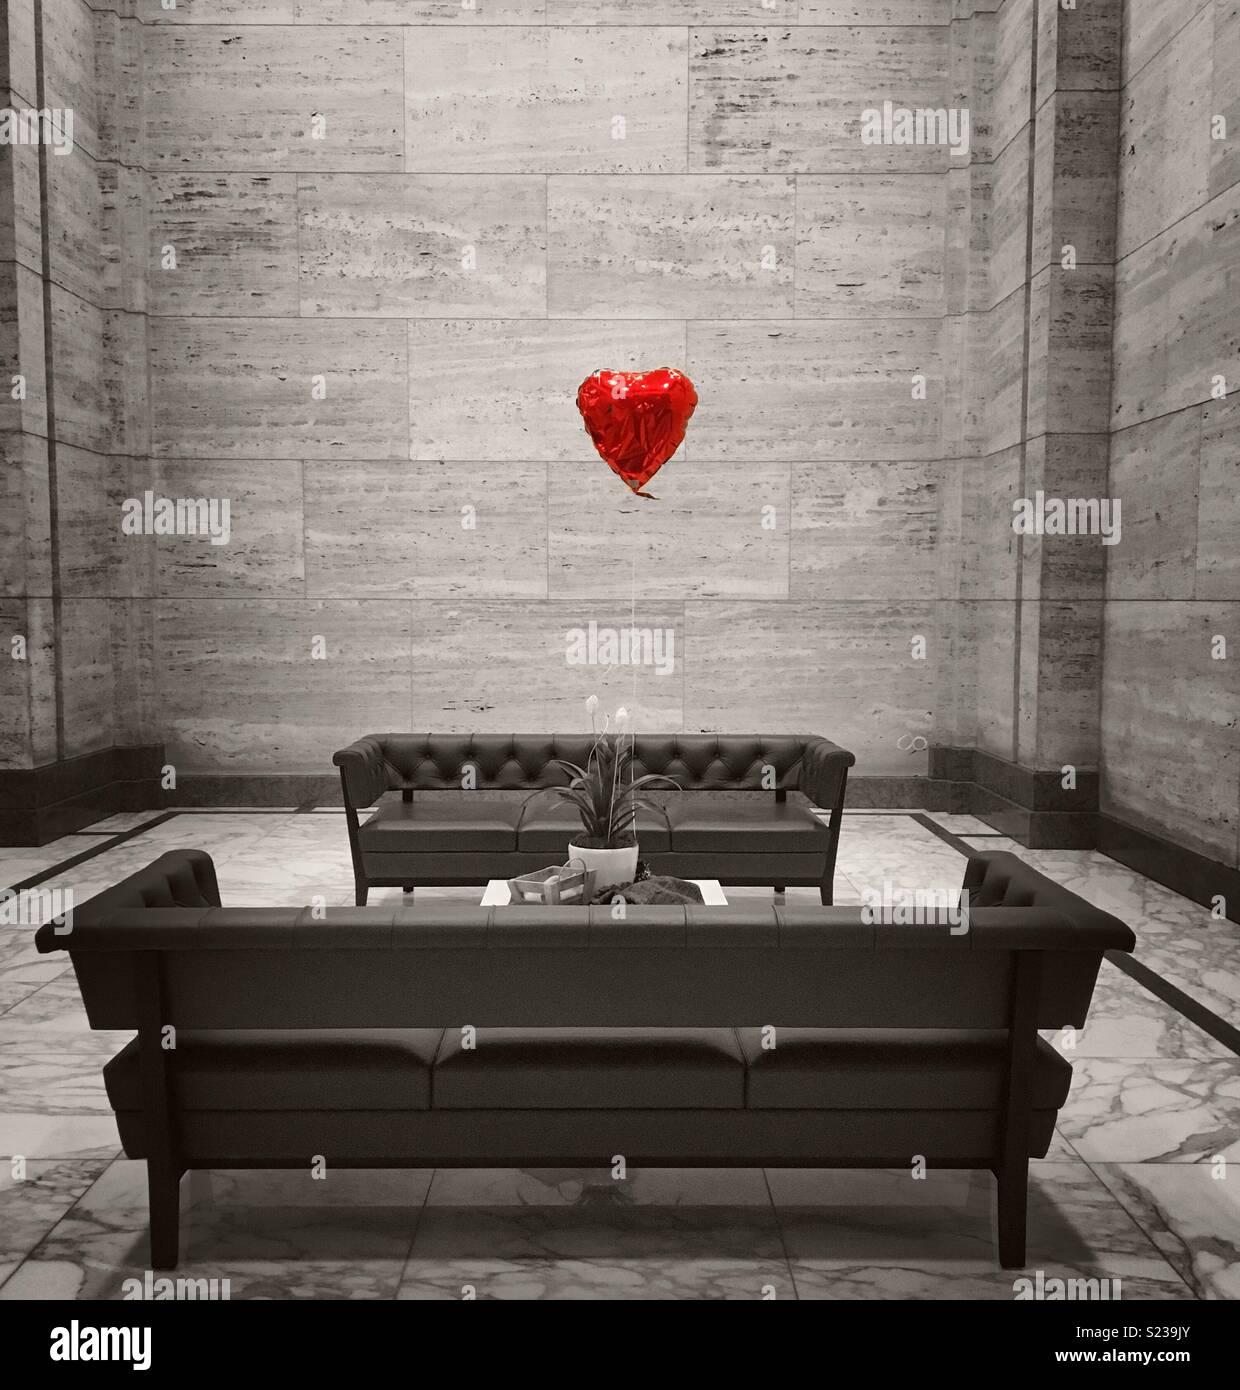 Red Balloon Herz mit Entsättigung der Farben. Stockbild